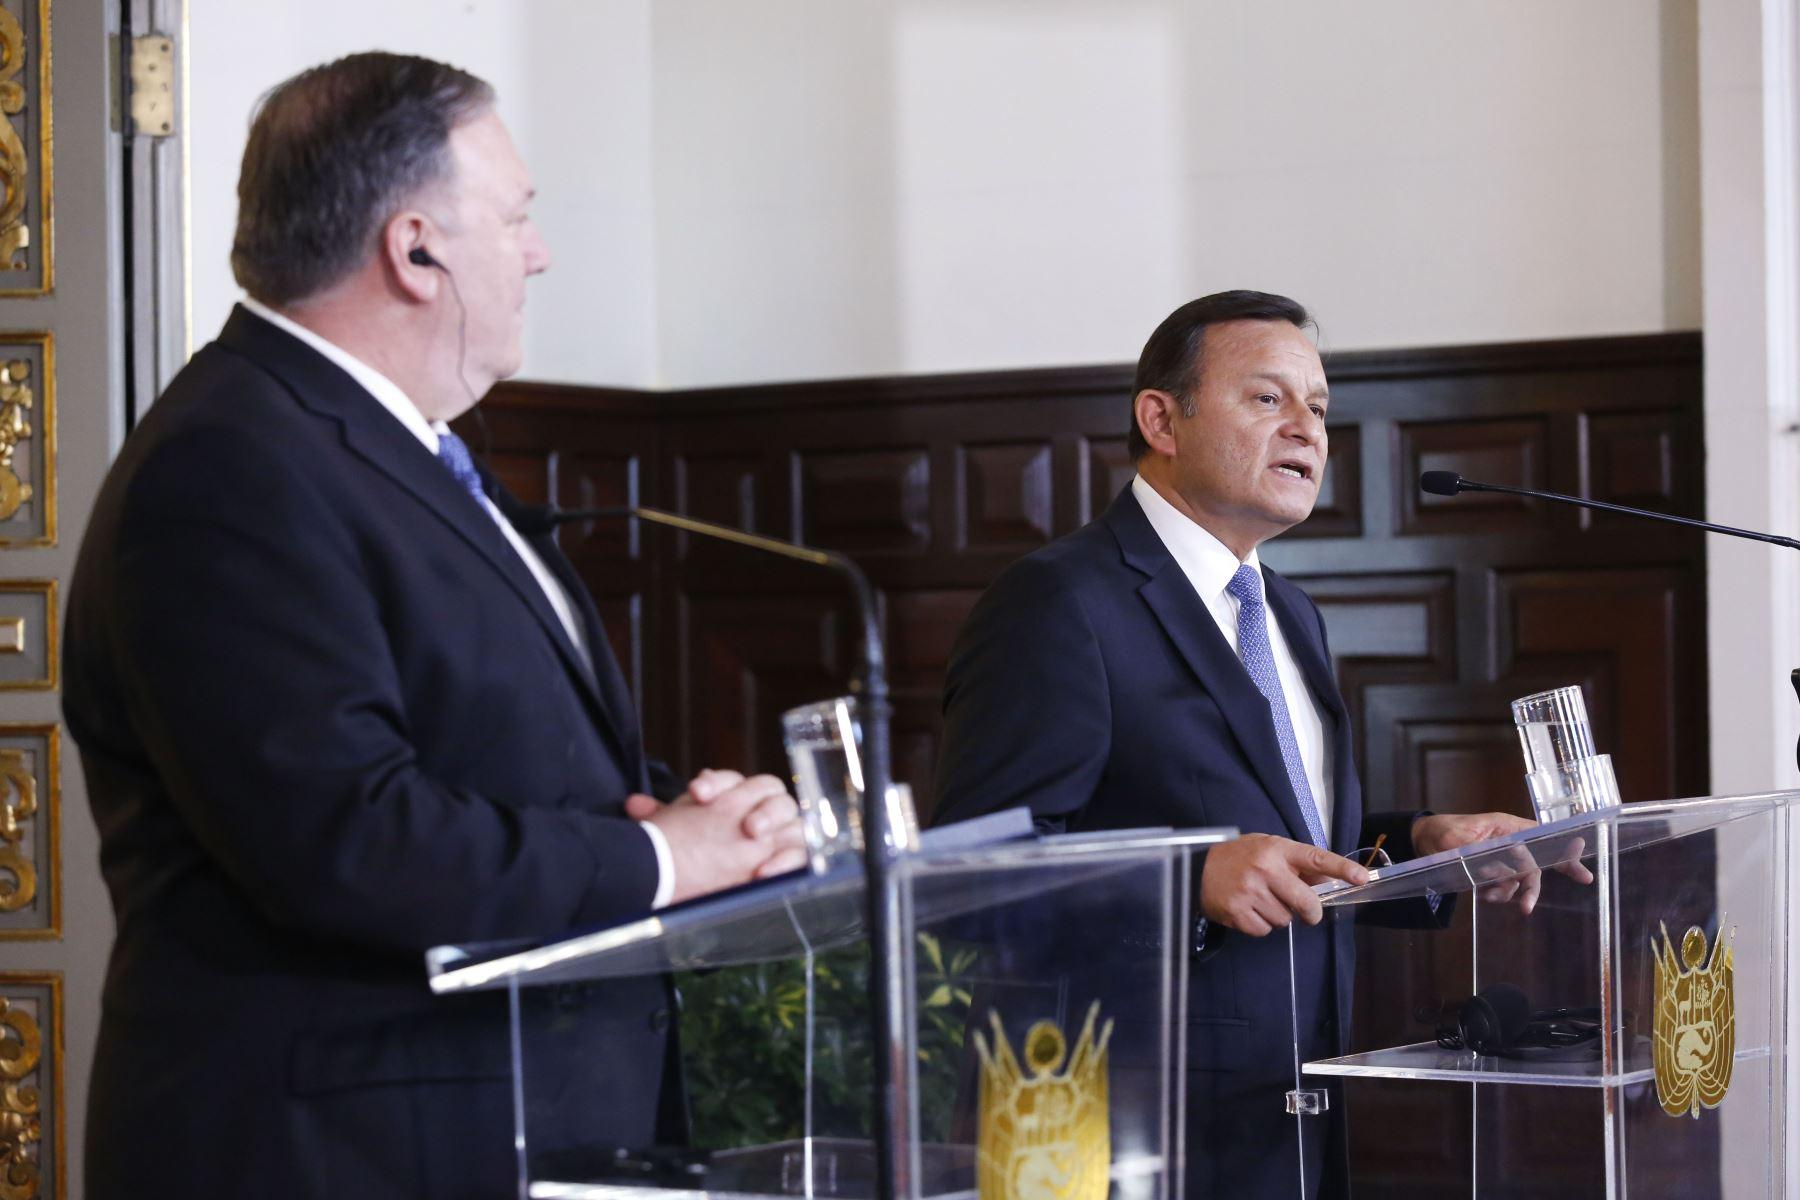 Conferencia de prensa del Canciller  Néstor Popolizio y  el Secretario de Estado de los Estados de los EEUU Mike Pompeo.Foto:ANDINA/Prensa Presidencia